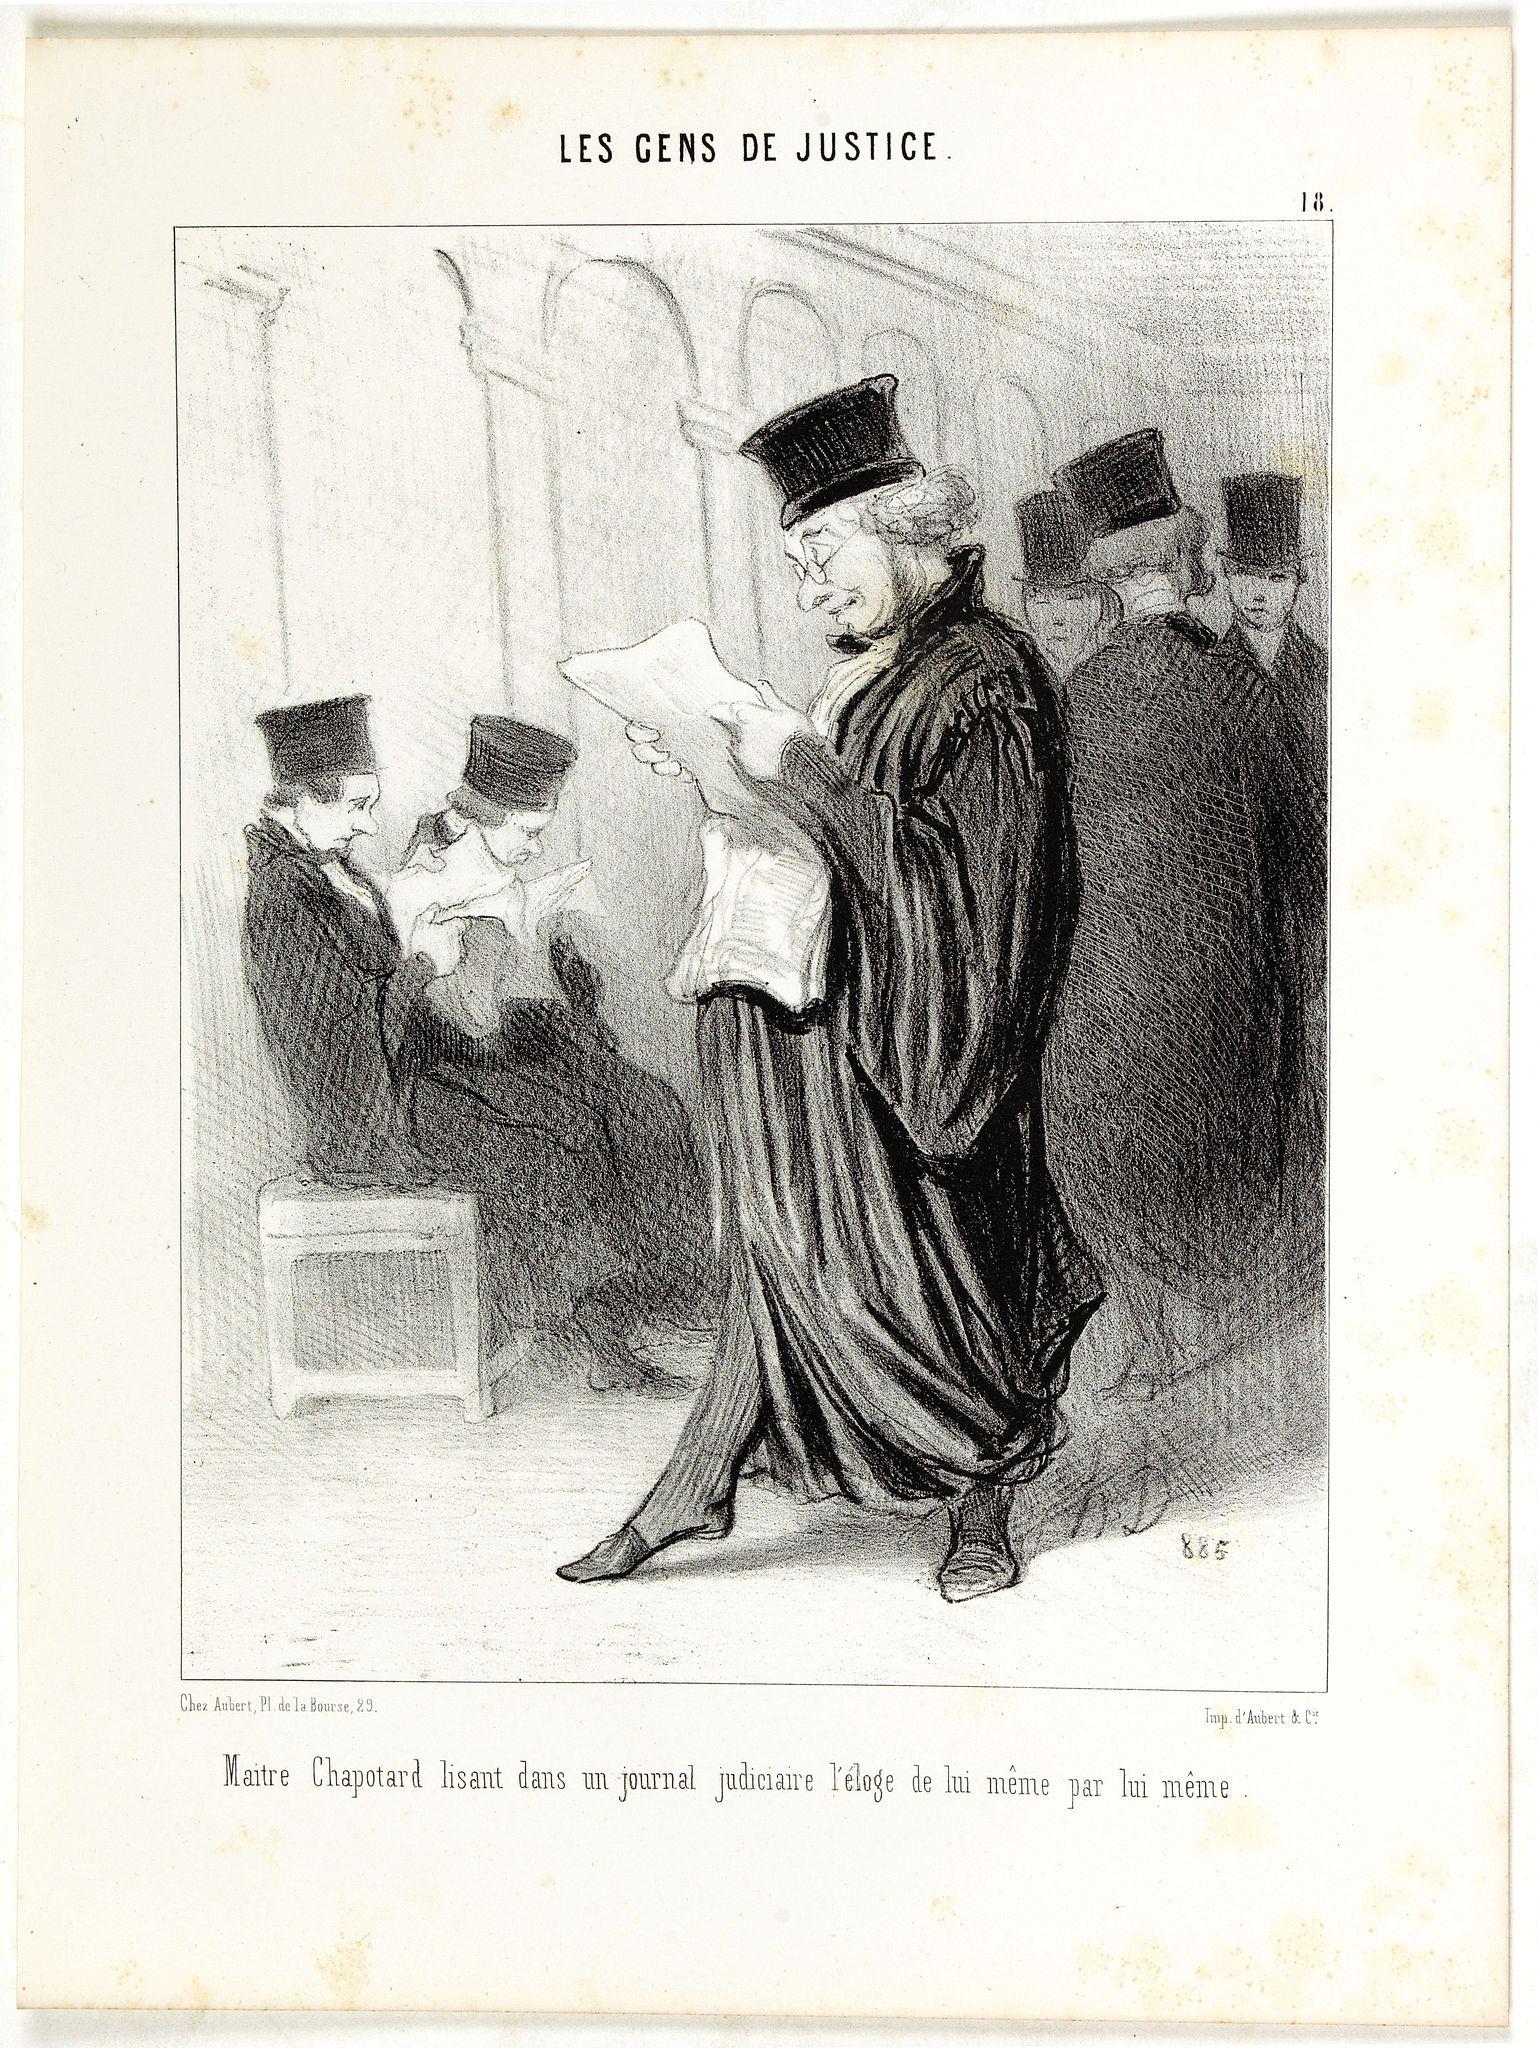 DAUMIER, H. -  Maitre Chapotard lisant dans un journal judiciaire l'éloge de lui même par lui même.